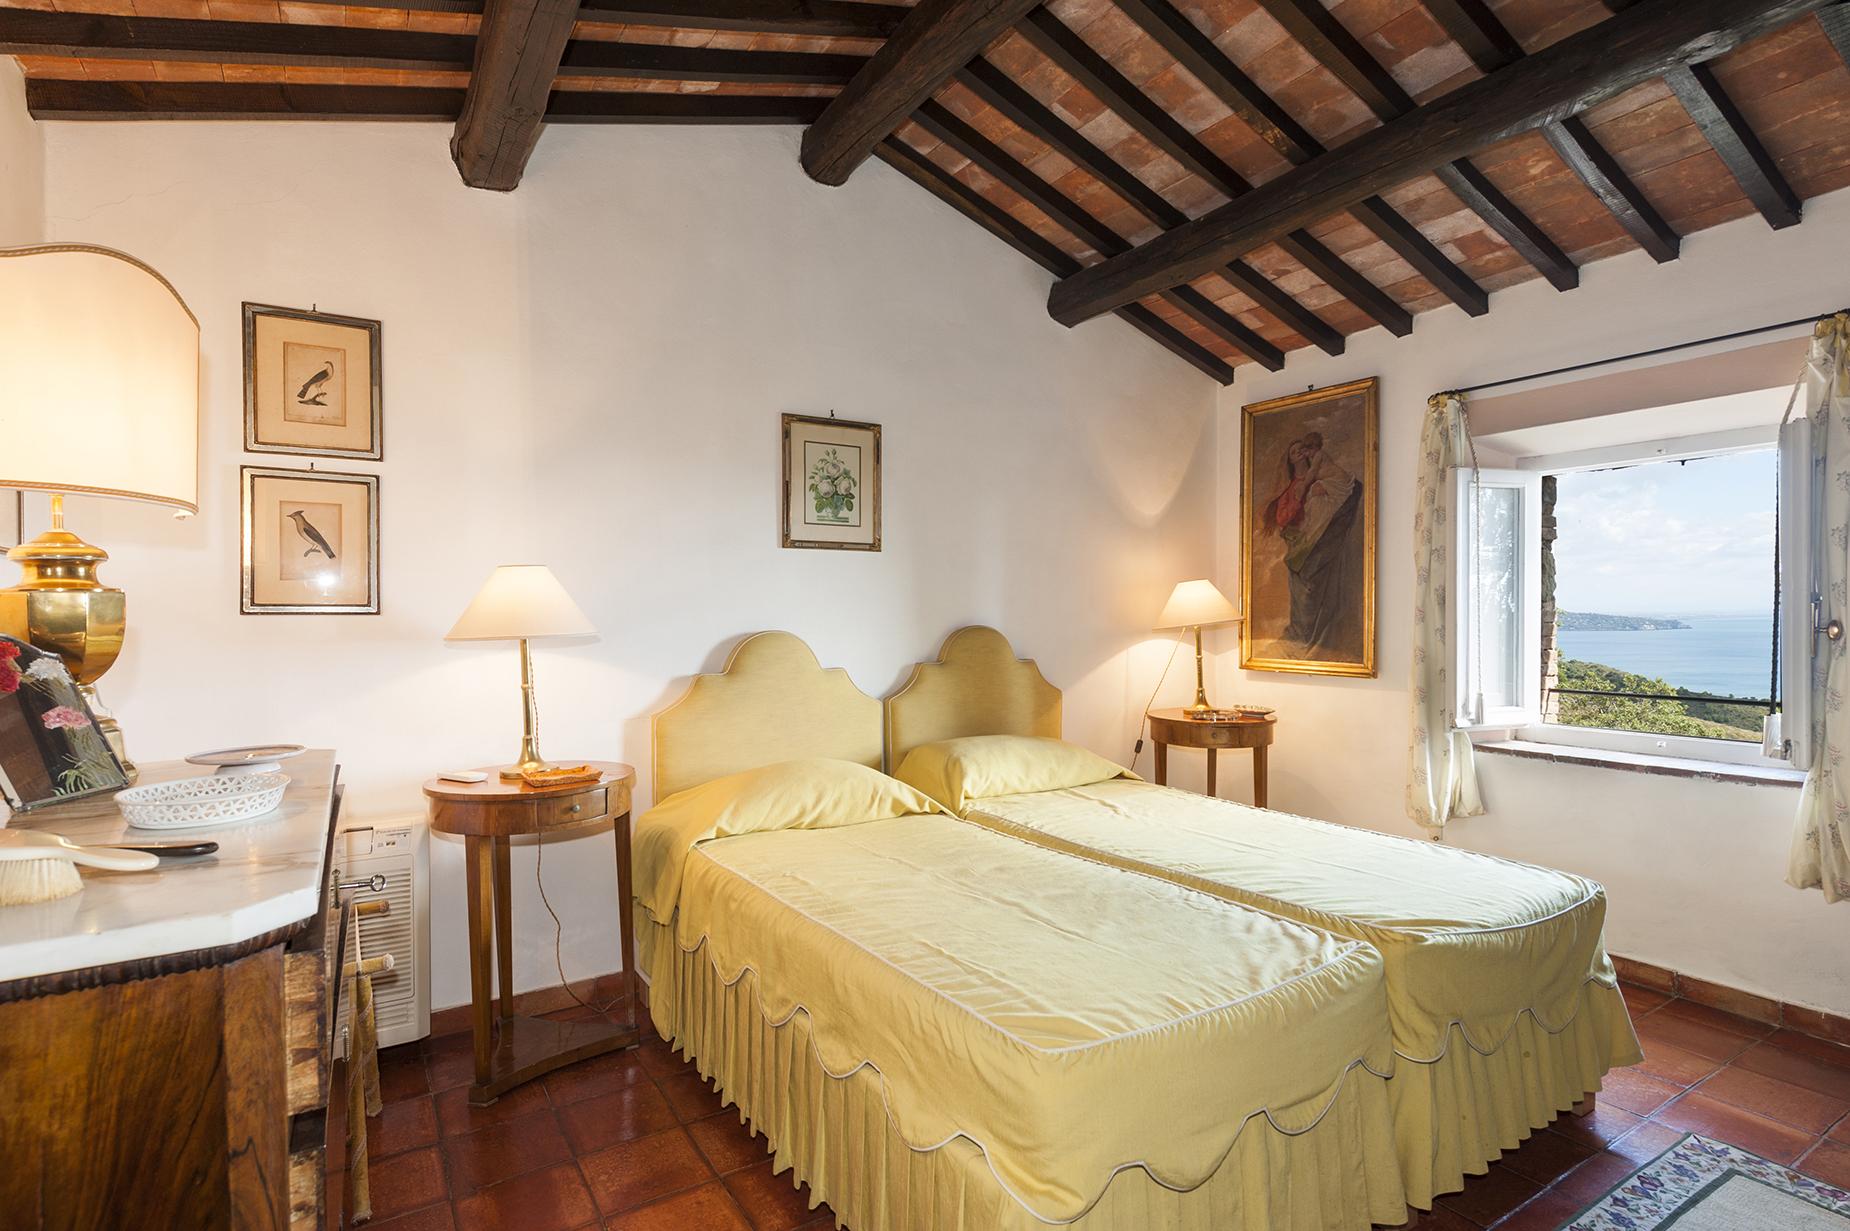 Villa in Vendita a Monte Argentario: 5 locali, 400 mq - Foto 18